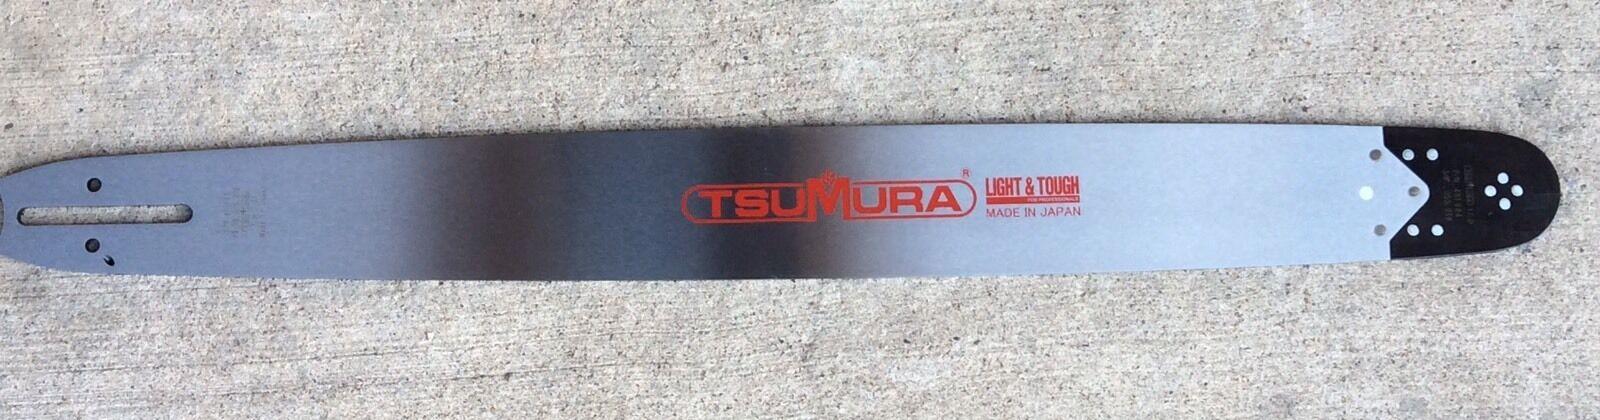 Guía de Tsumura 28  Bar 3 8-050-92DL Makita Husqvarna Jonserojo Dolmar 280 rndd 009